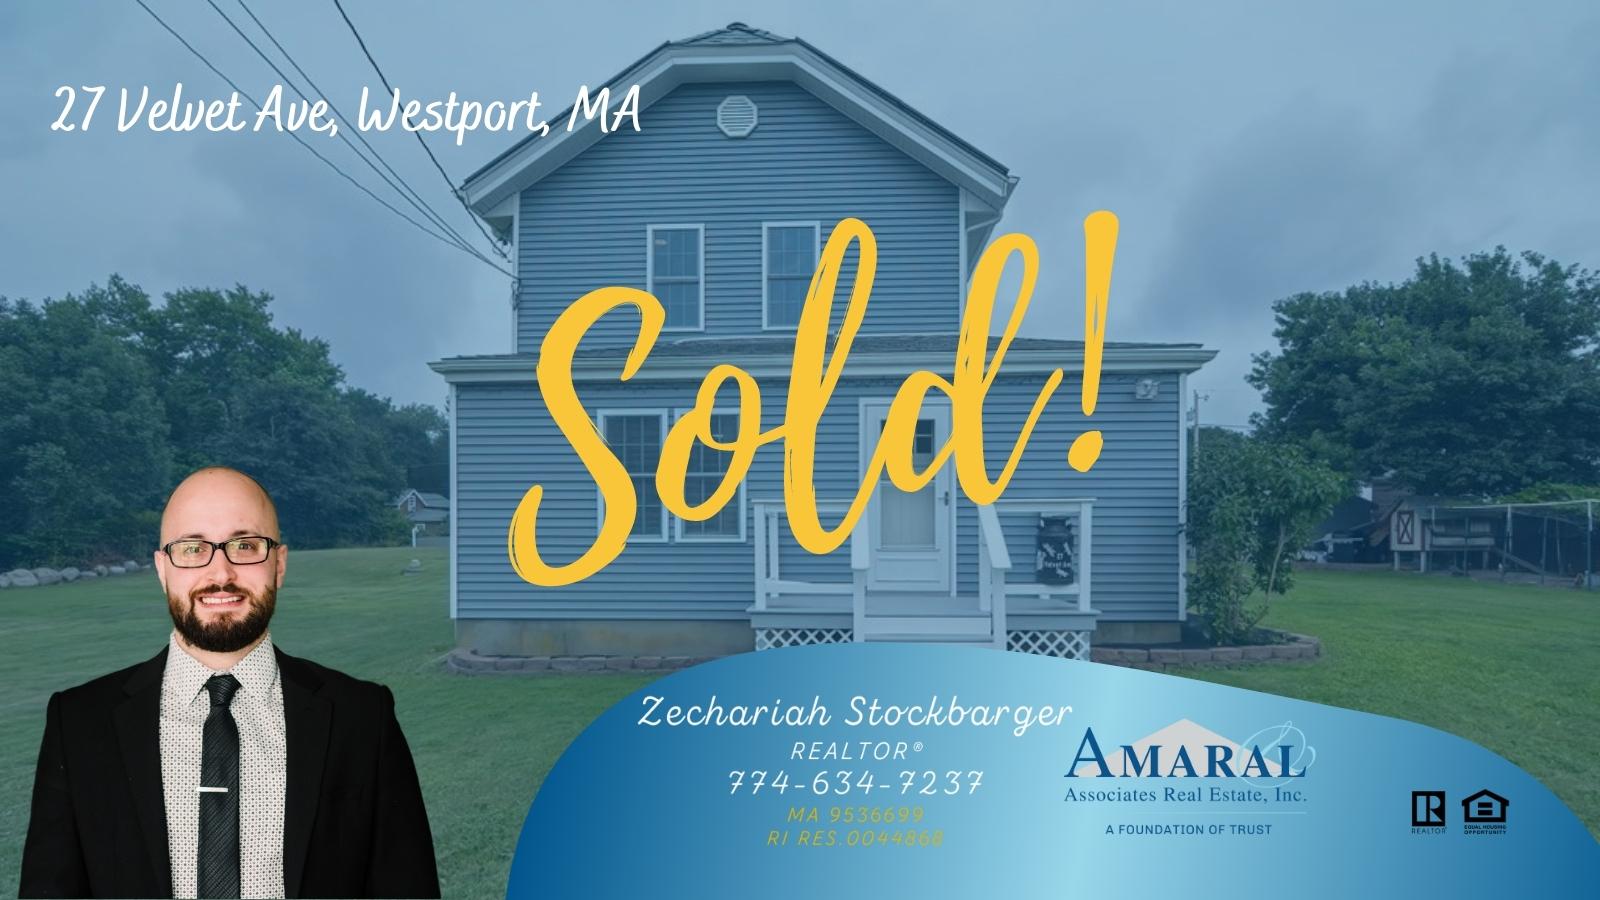 SOLD with Zechariah Stockbarger! 27 Velvet Ave, Westport, MA